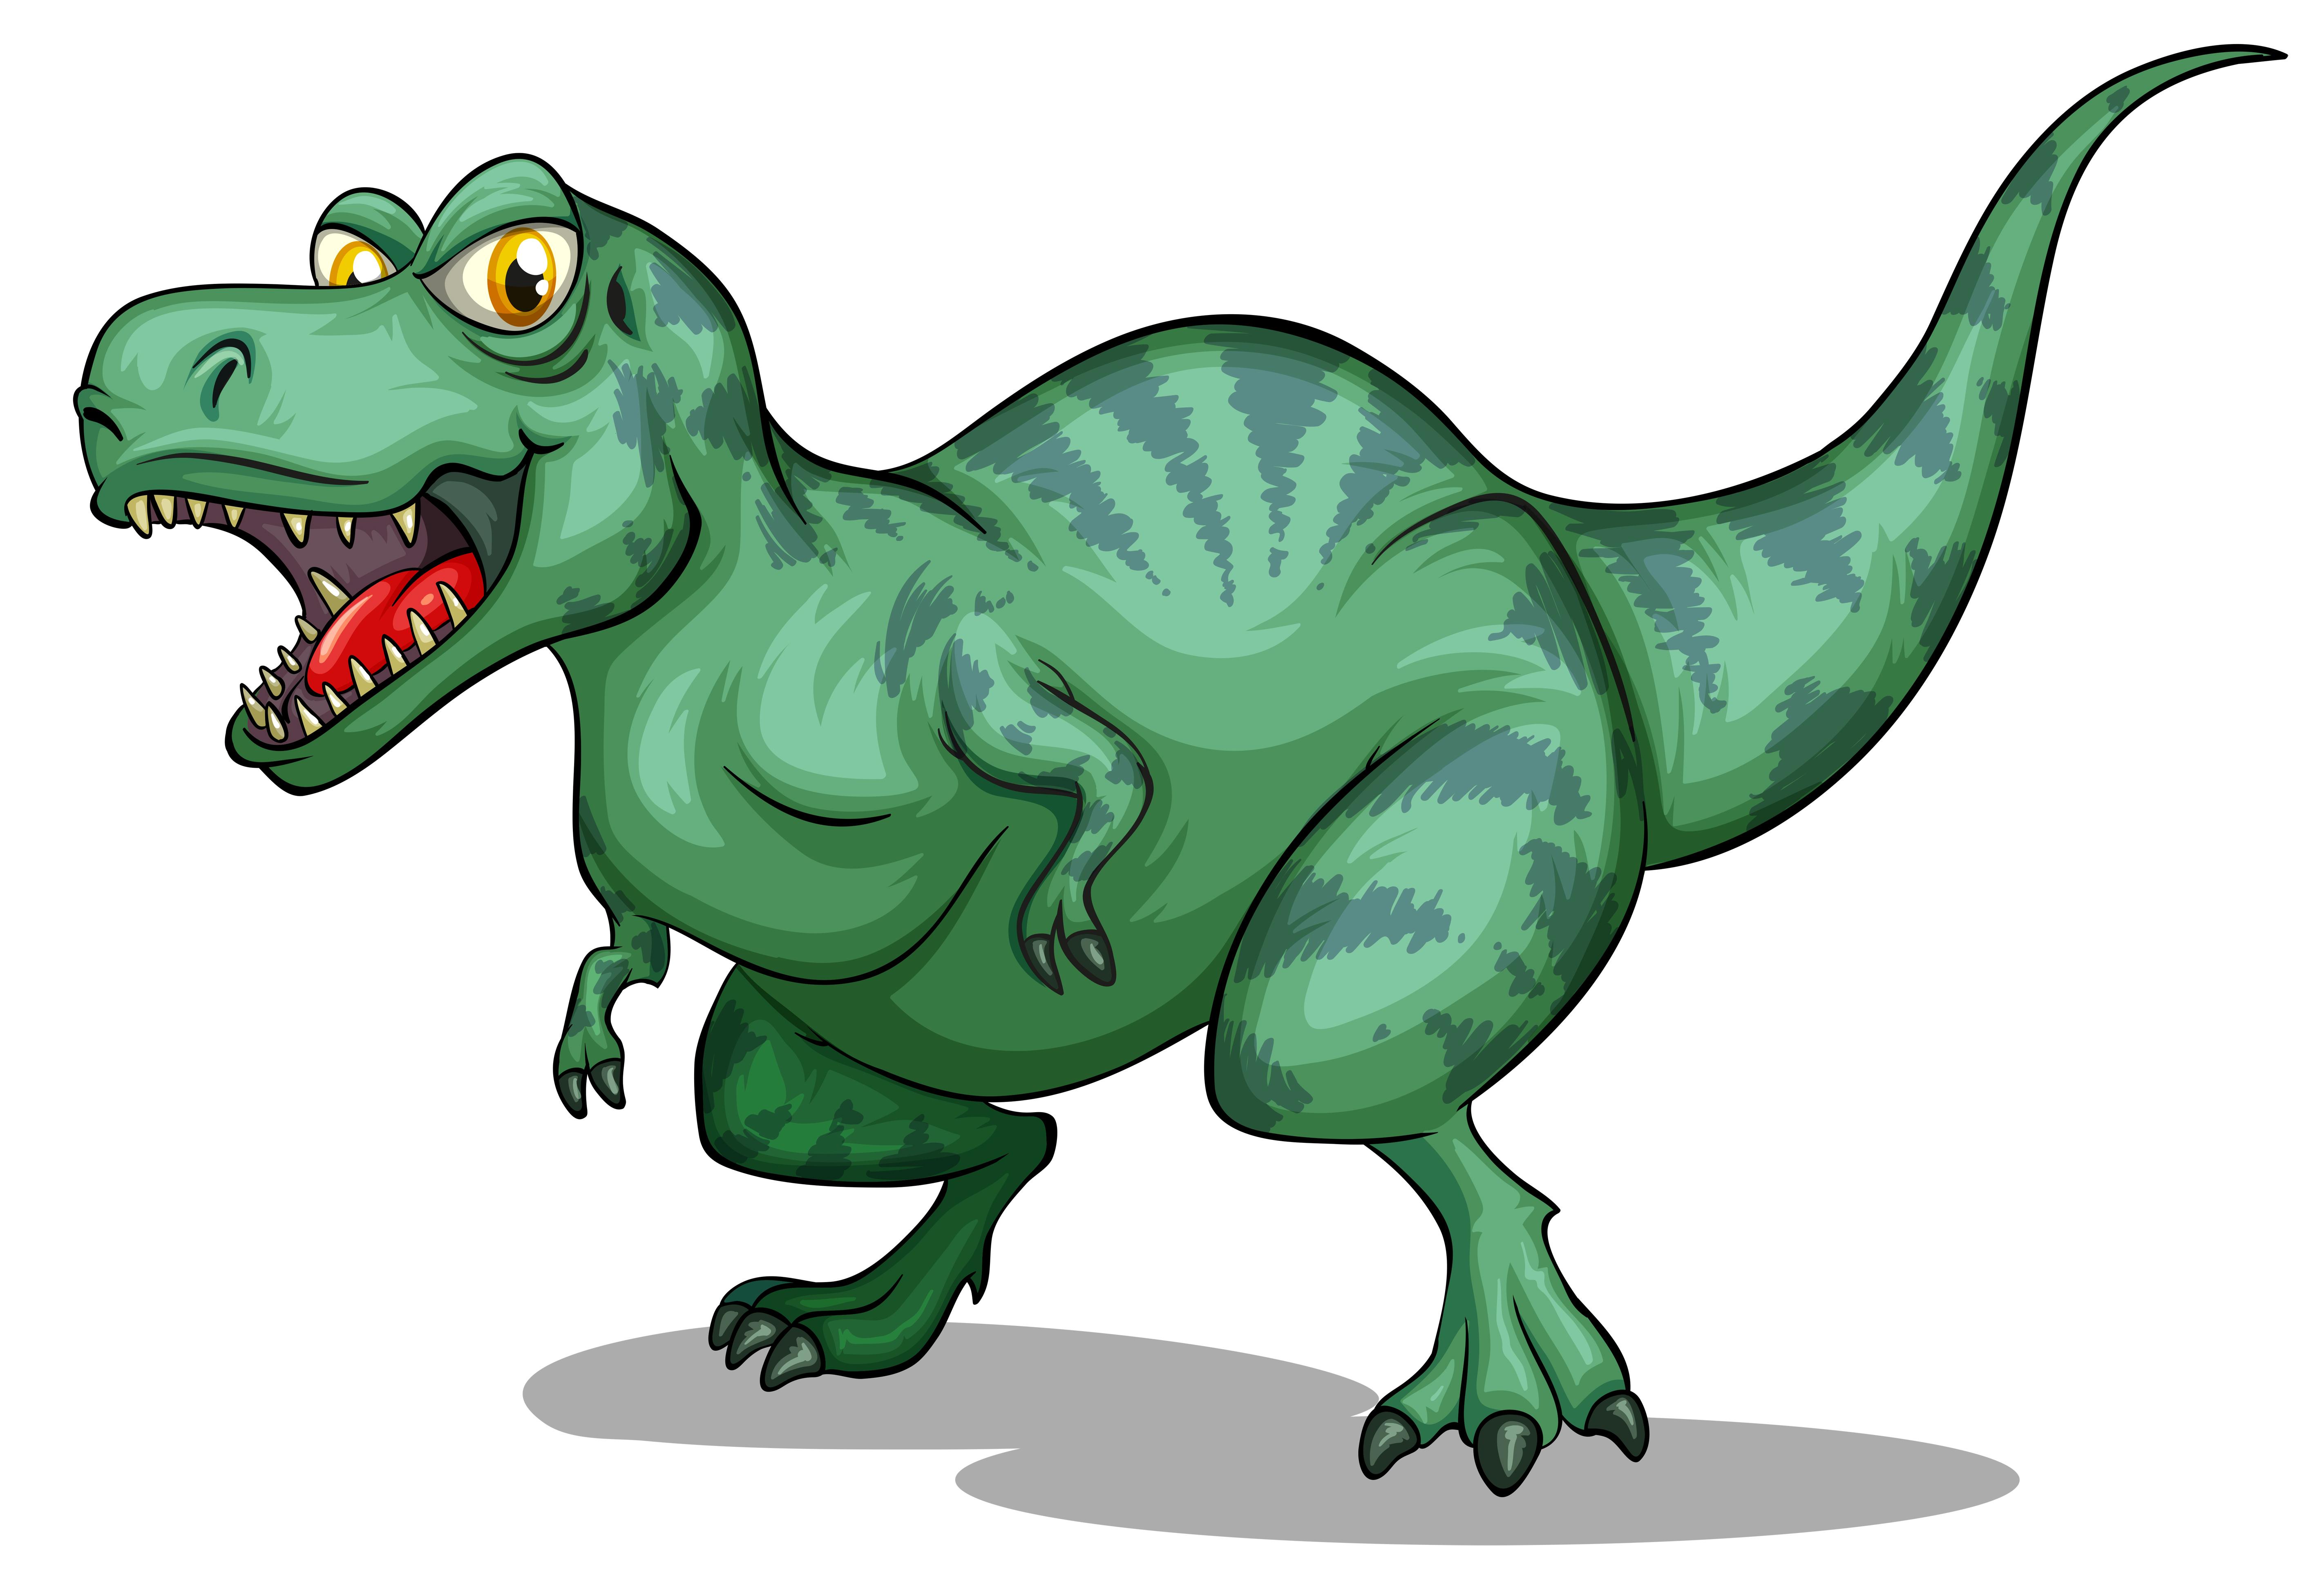 恐龍素材 免費下載 | 天天瘋後製